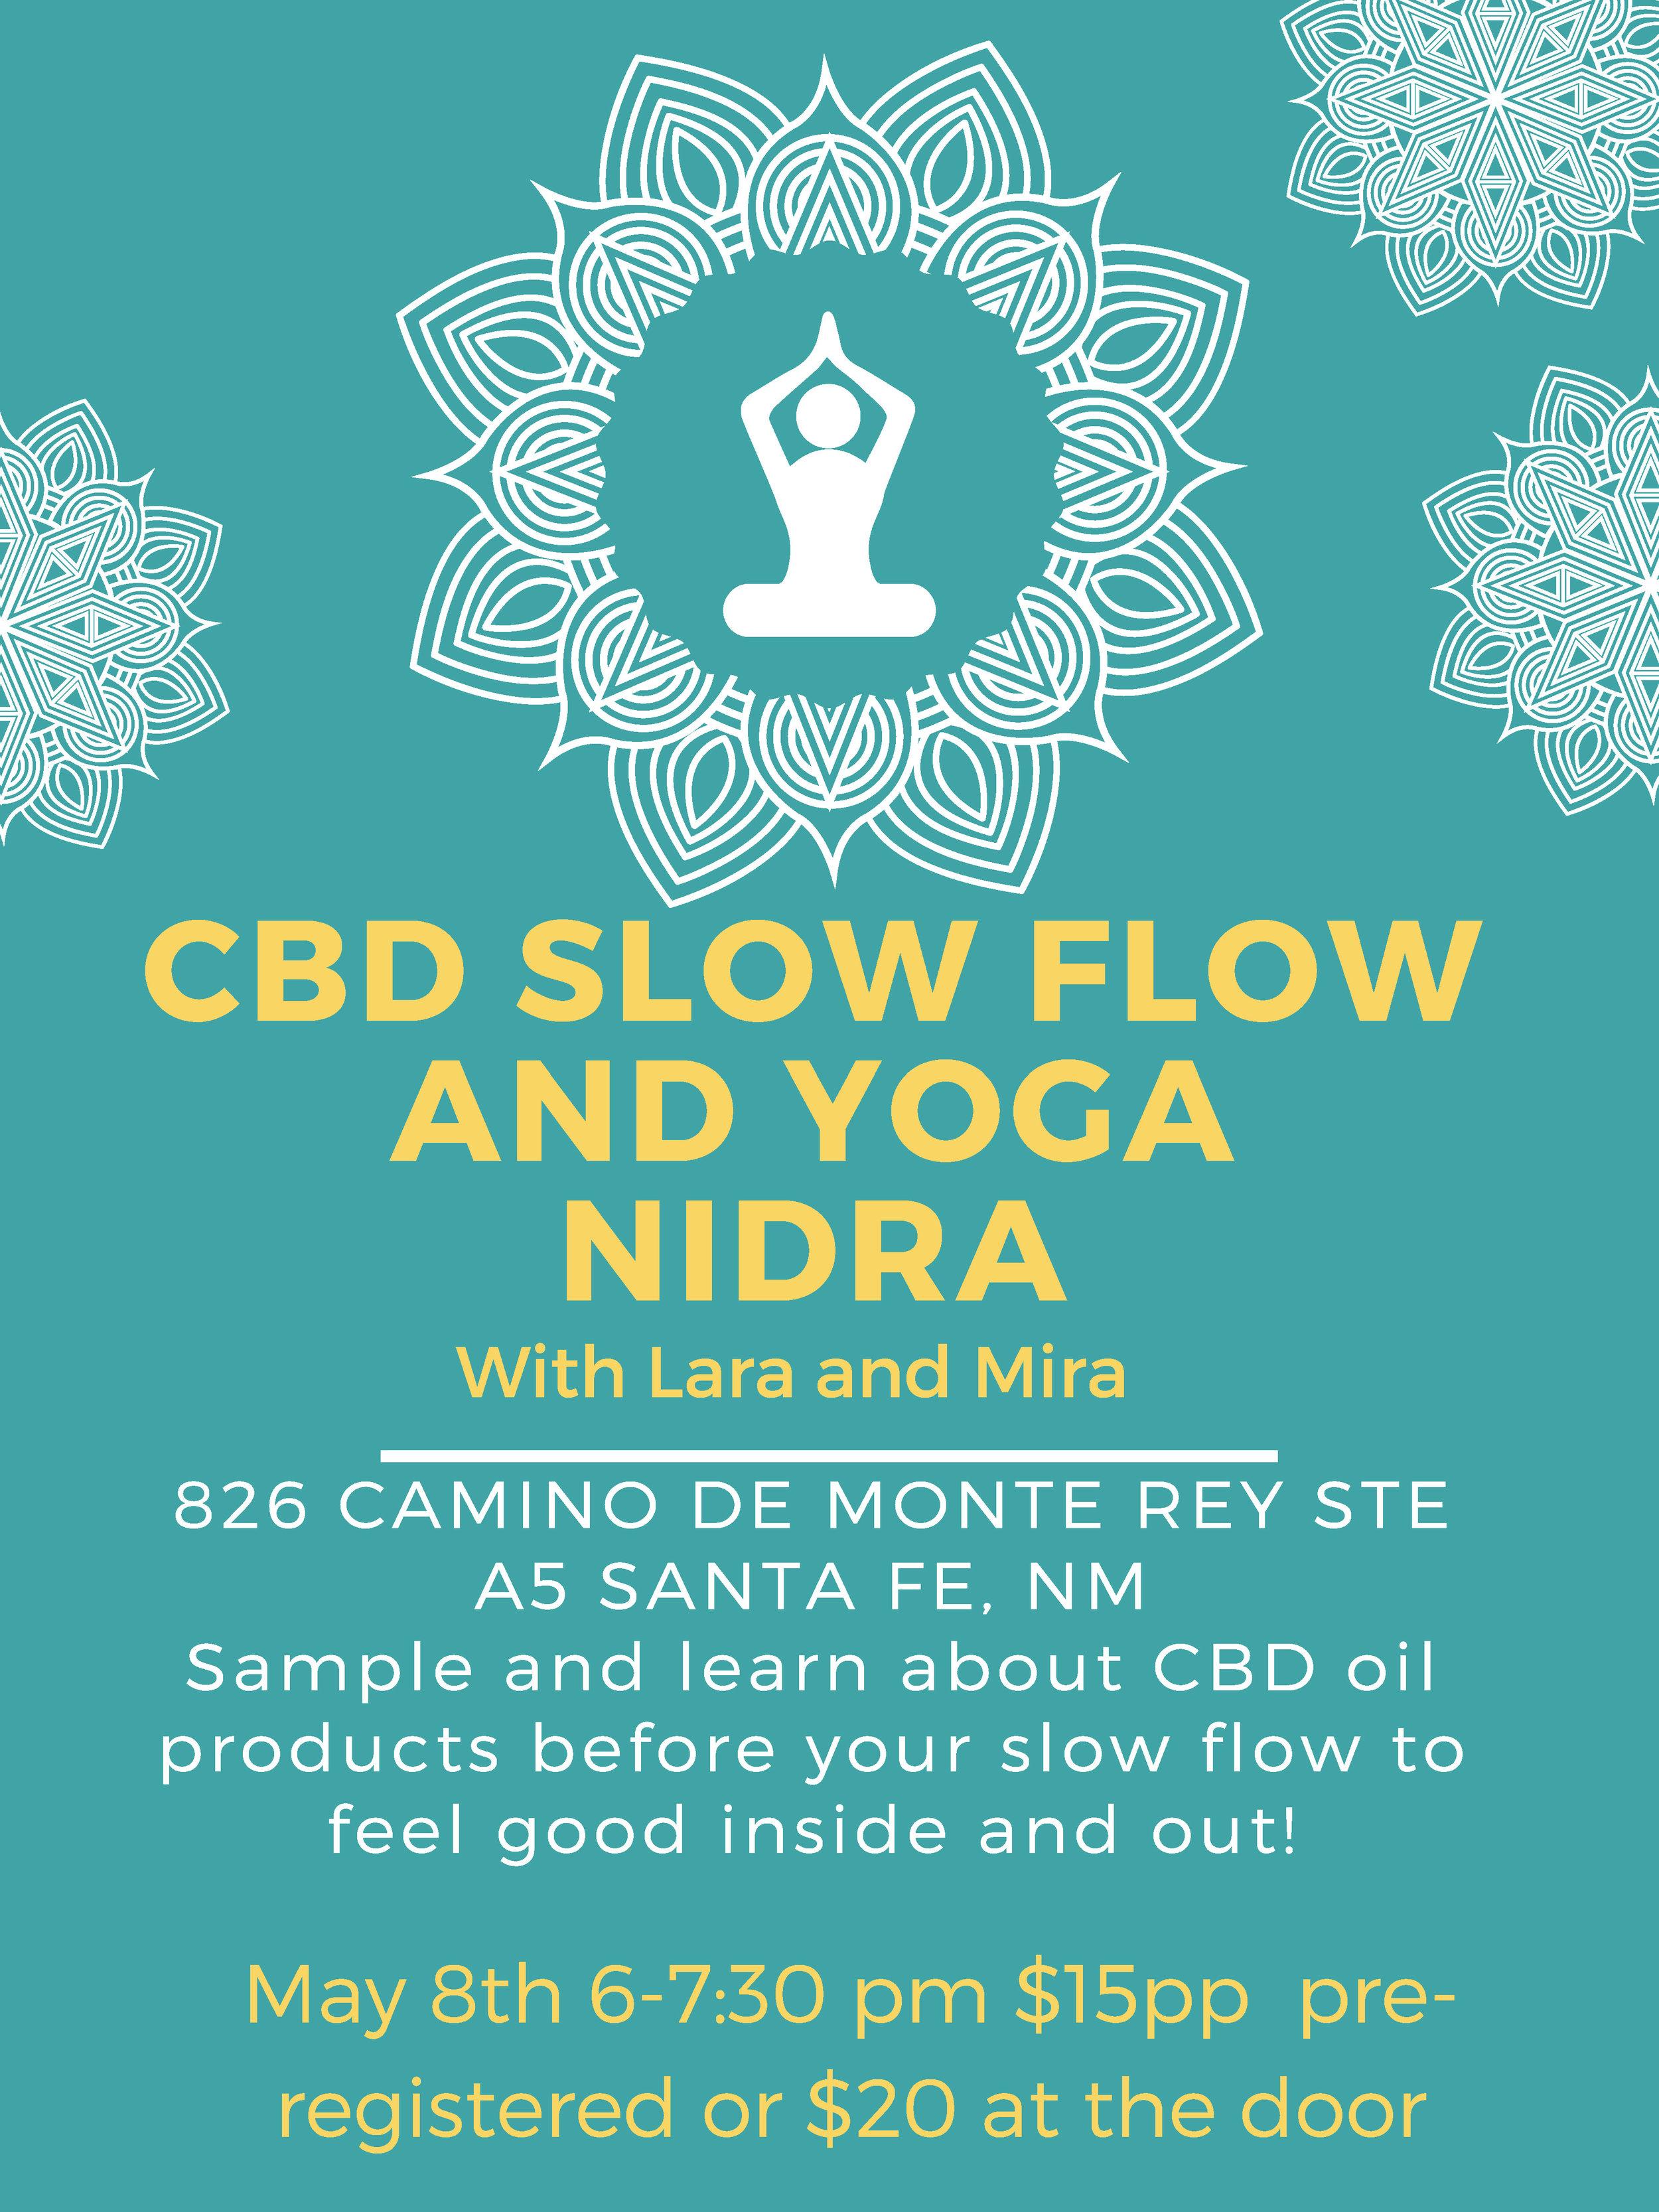 Slow flow Lara and Mira.jpg